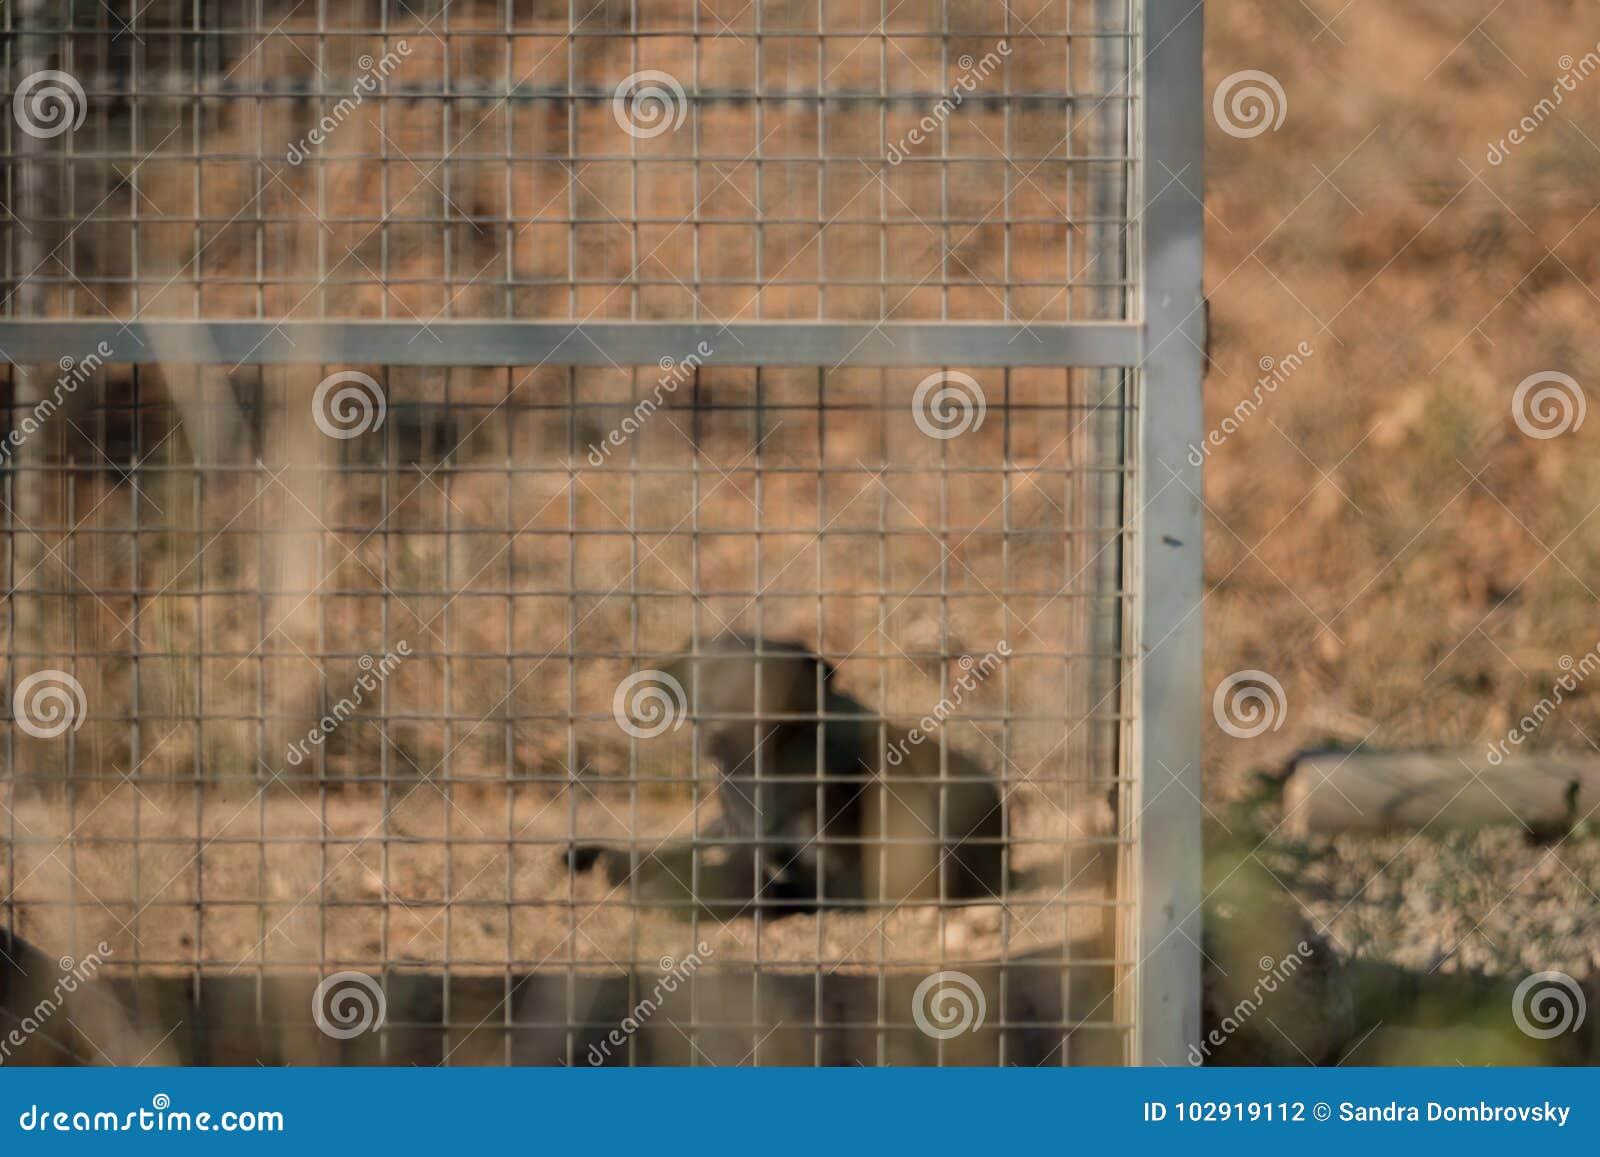 Zwarte hond in de kennel